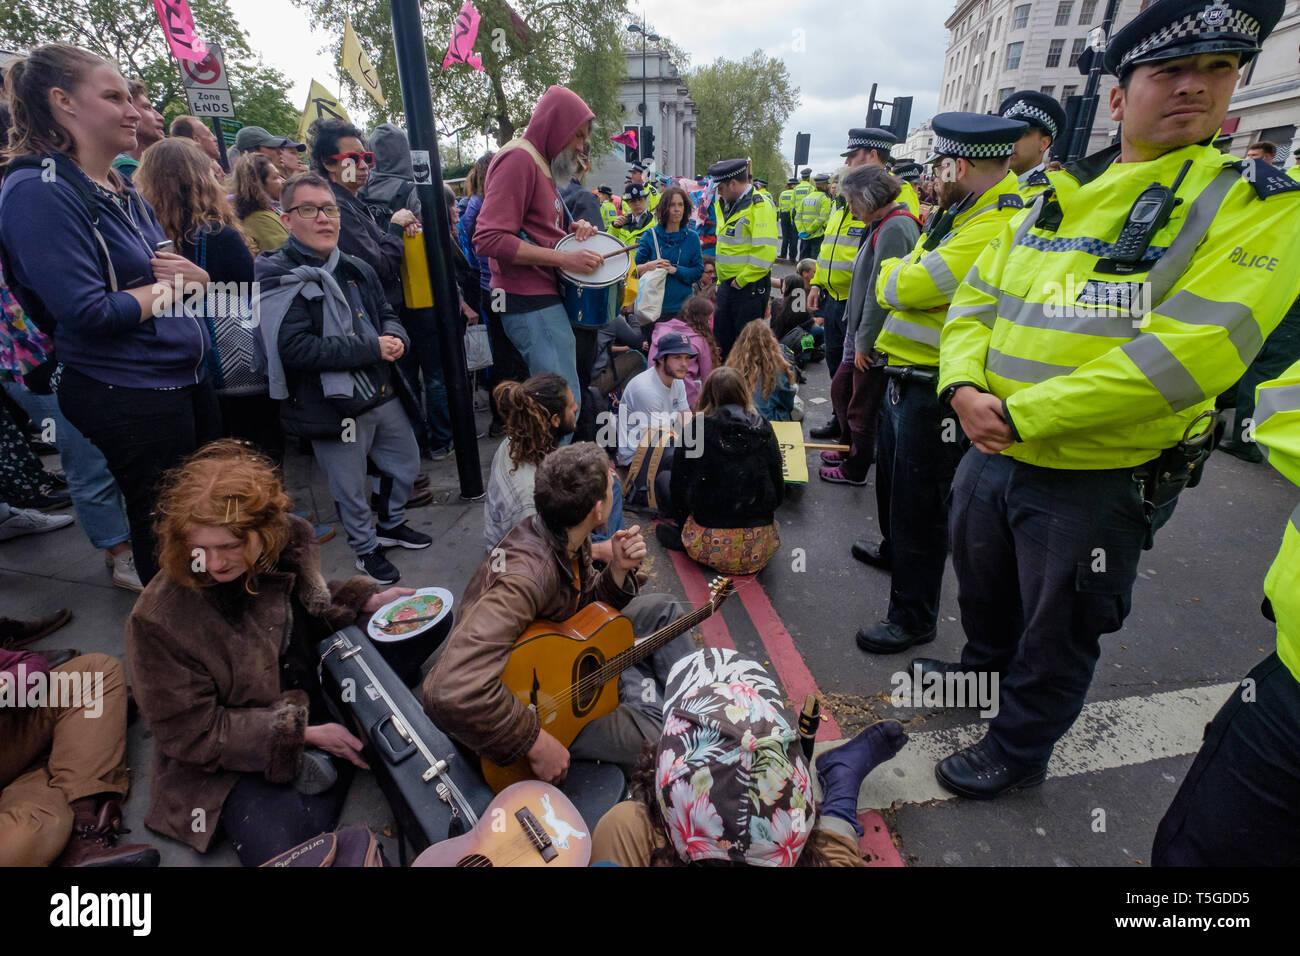 London, Großbritannien. 24. April 2019. Die Polizei wurde entfernen Menschen blockieren Oxford St, die letzte Straße Block um Marble Arch an diesem Nachmittag. Einige Leute wurden auf und werden sorgfältig heraus, die von den Offizieren cut gesperrt, während andere saß ruhig von der Polizei umstellt und wartete, während eine kleine Menge durch mehrere Linien der Polizei beobachtete, wie die Offiziere, die versucht, sie zu erhalten, zu verschieben, verhaftet zu werden. Bei Marble Arch der Protest mit Trommeln und Tanzen, kostenloses Essen und Hunderte von Zelten fortgesetzt. Peter Marshall / alamy Leben Nachrichten Stockbild